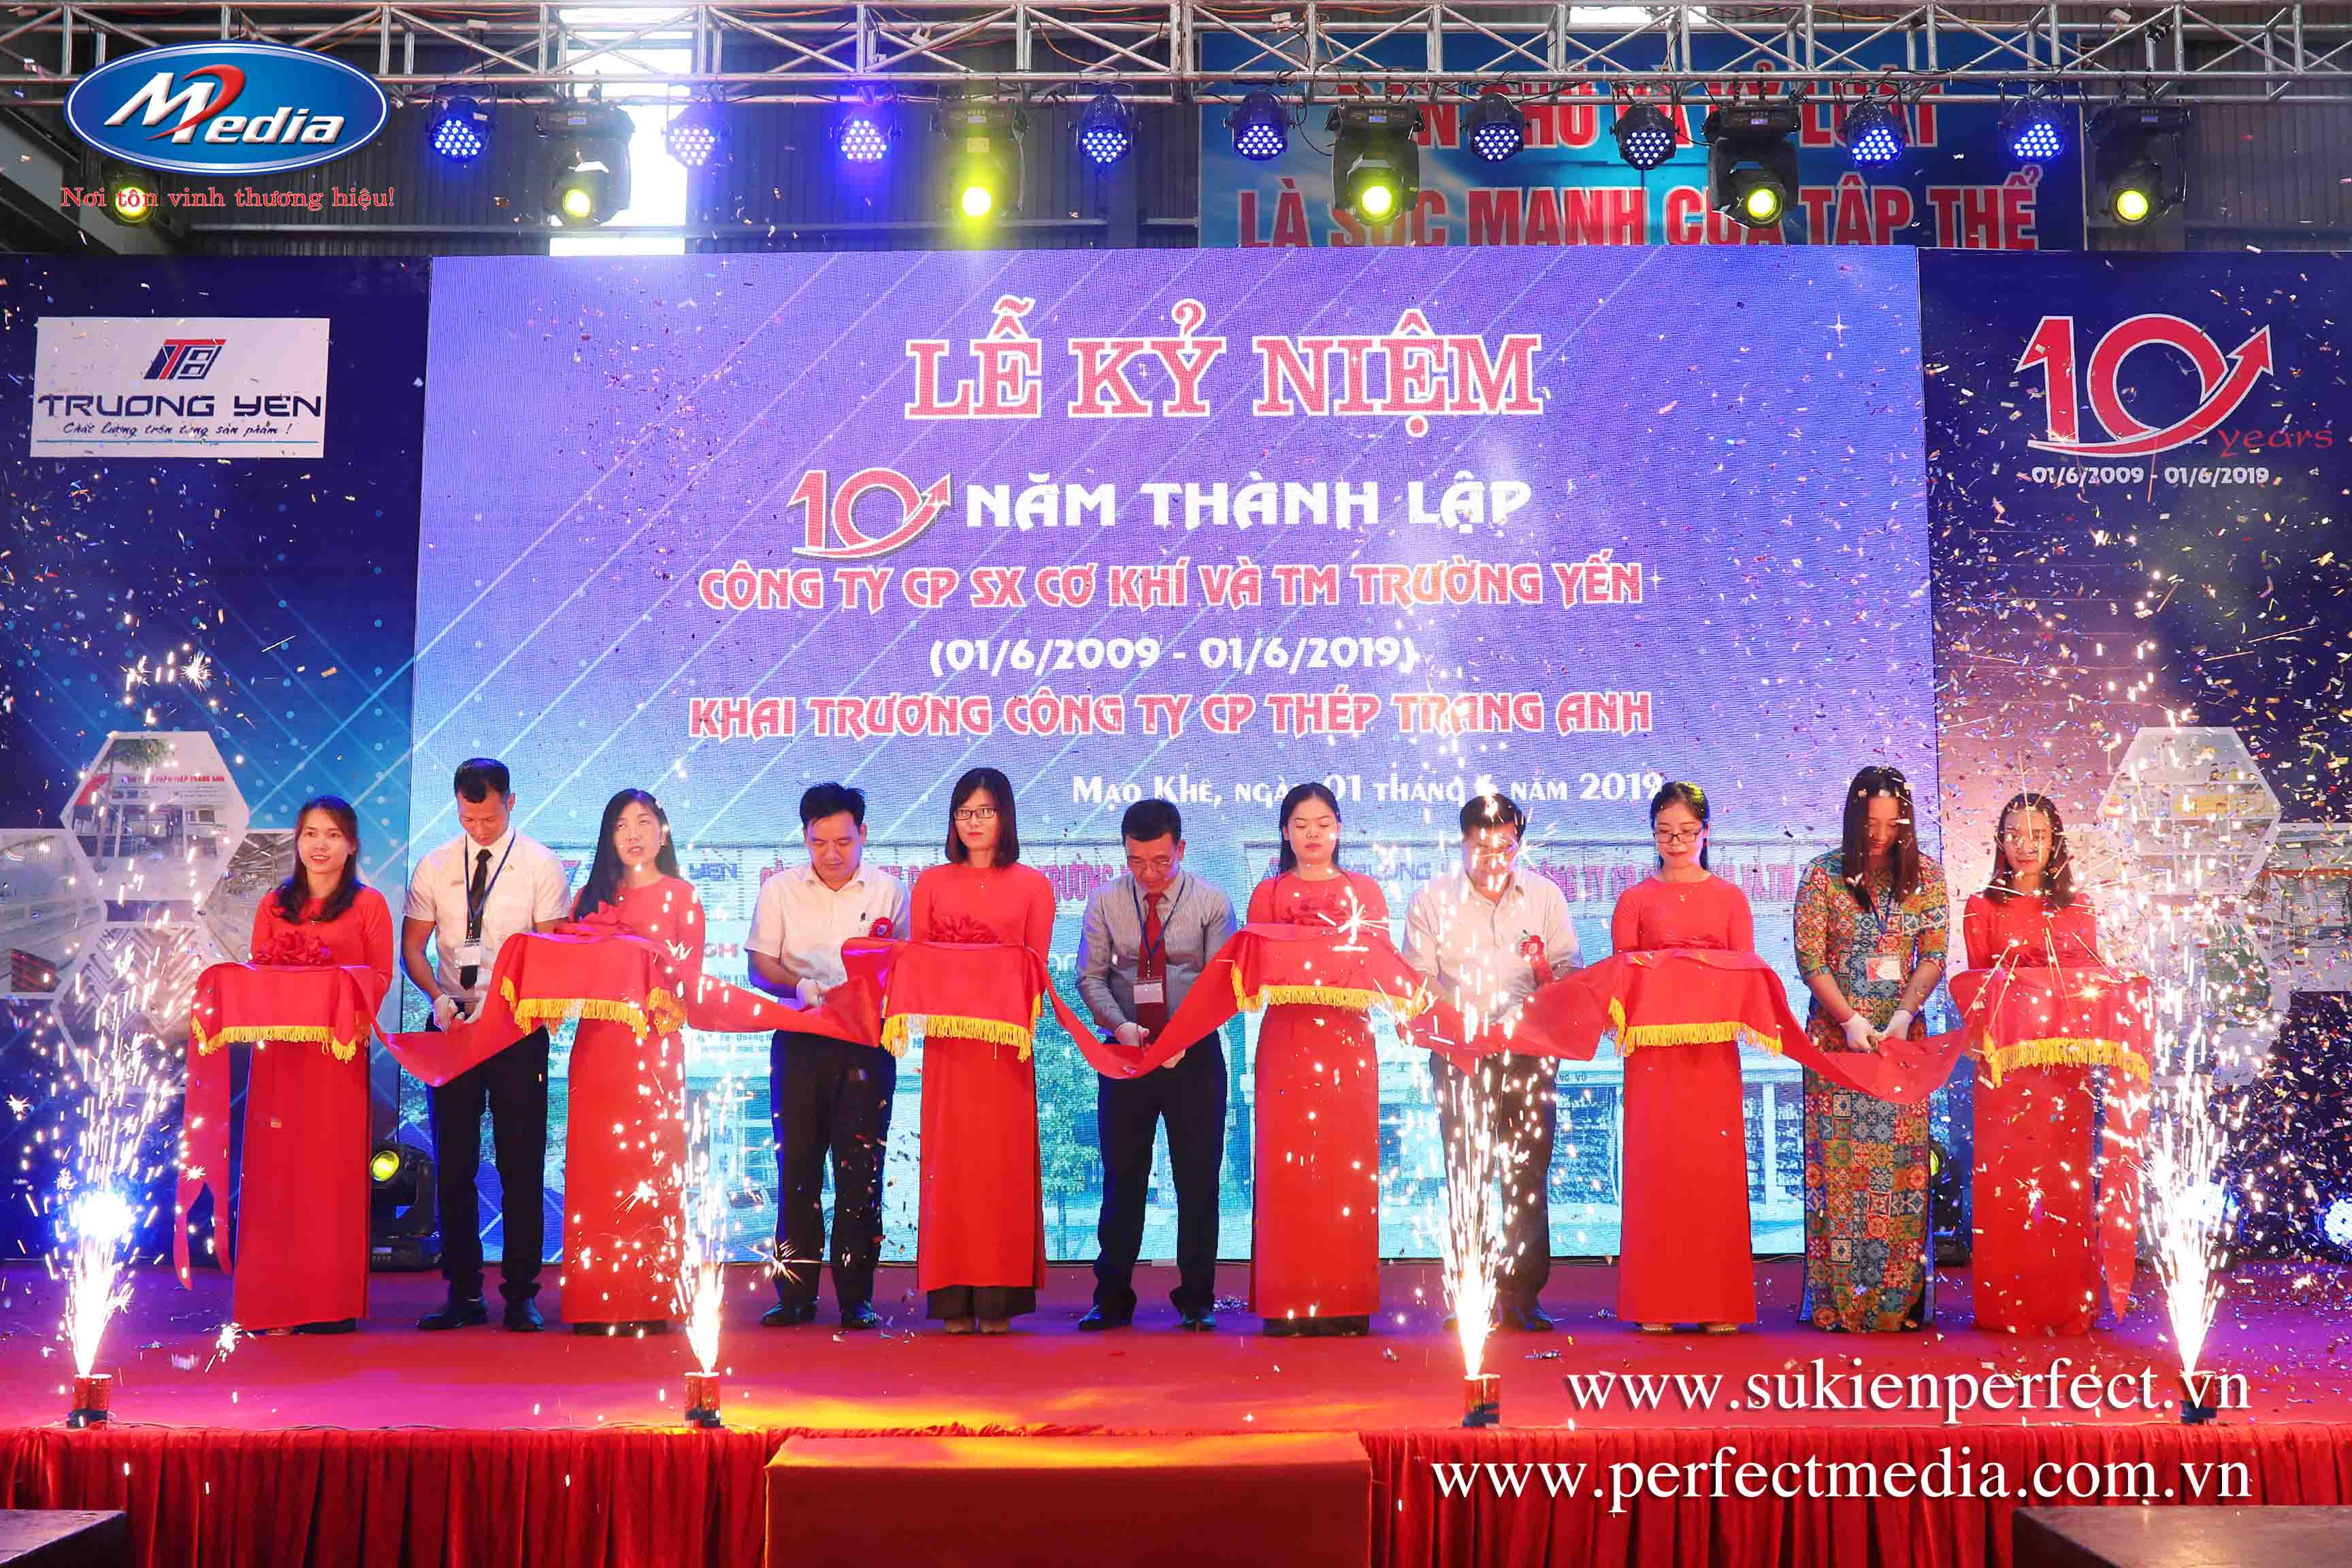 Lắp đặt, cho thuê màn hình Led sự kiện tại Quảng Ninh - Hạ Long